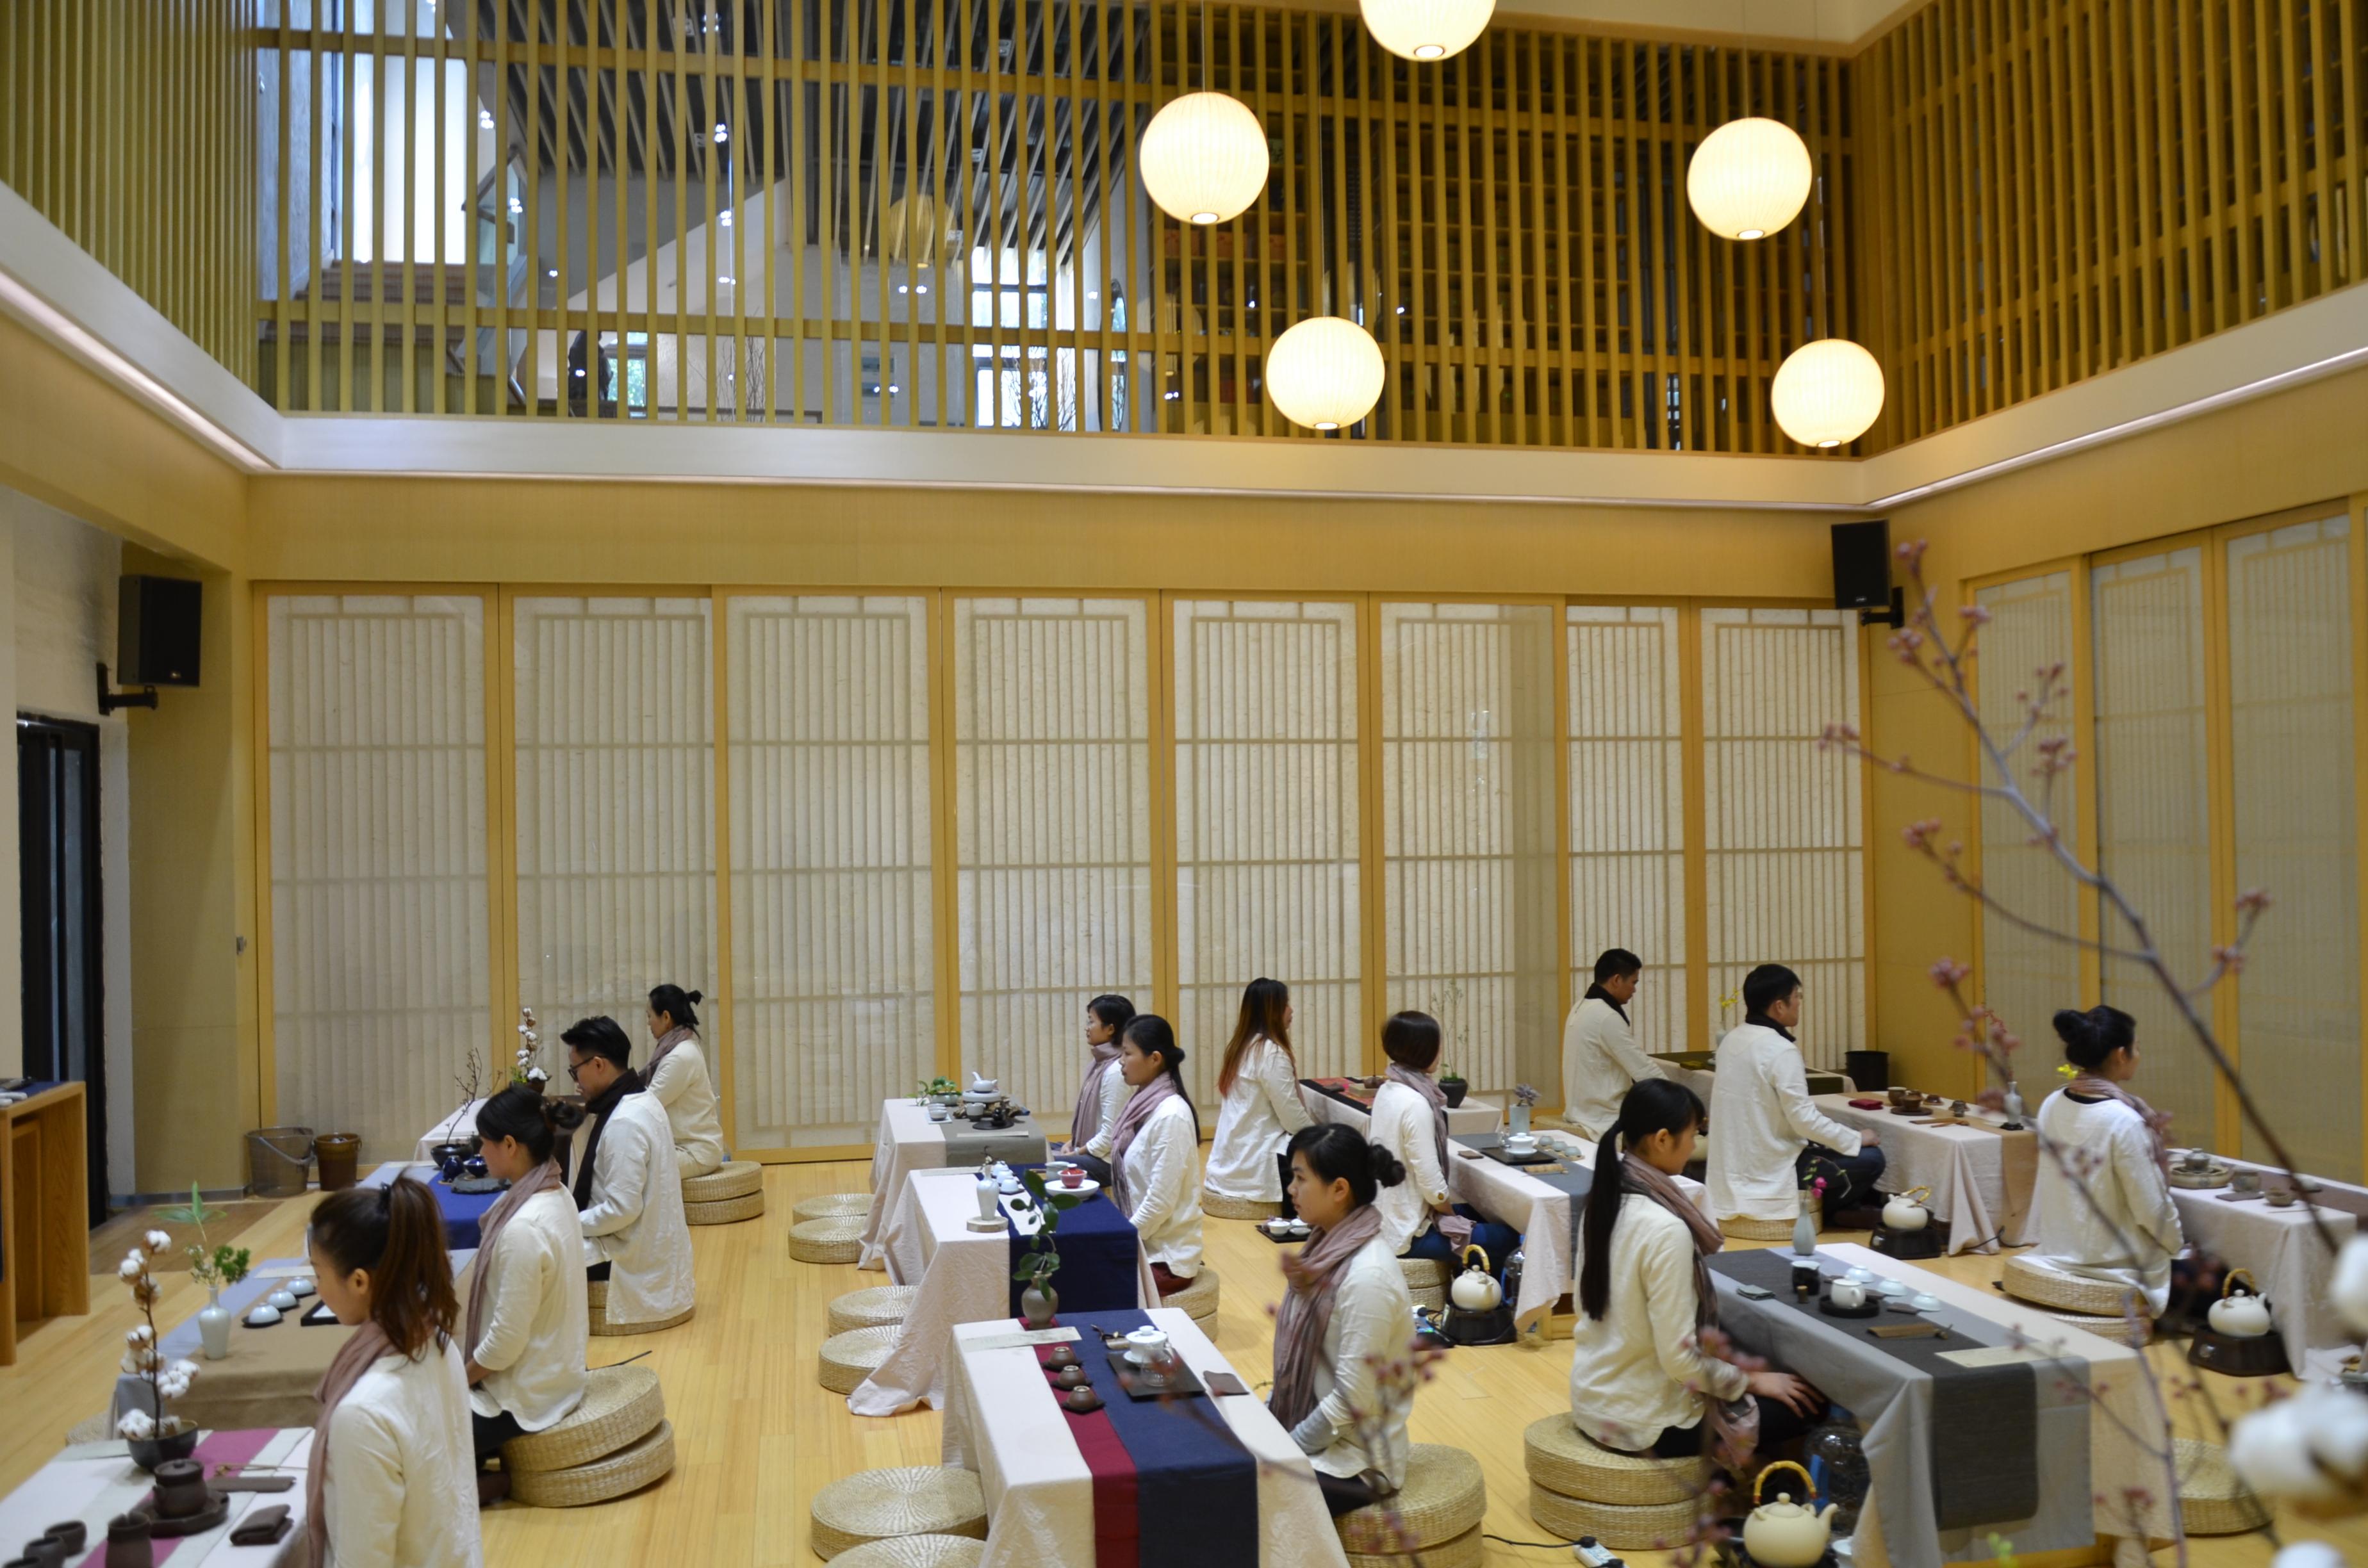 职业茶道三阶课程《茶席设计与茶会实务》在广州大益茶道艺术中心开班